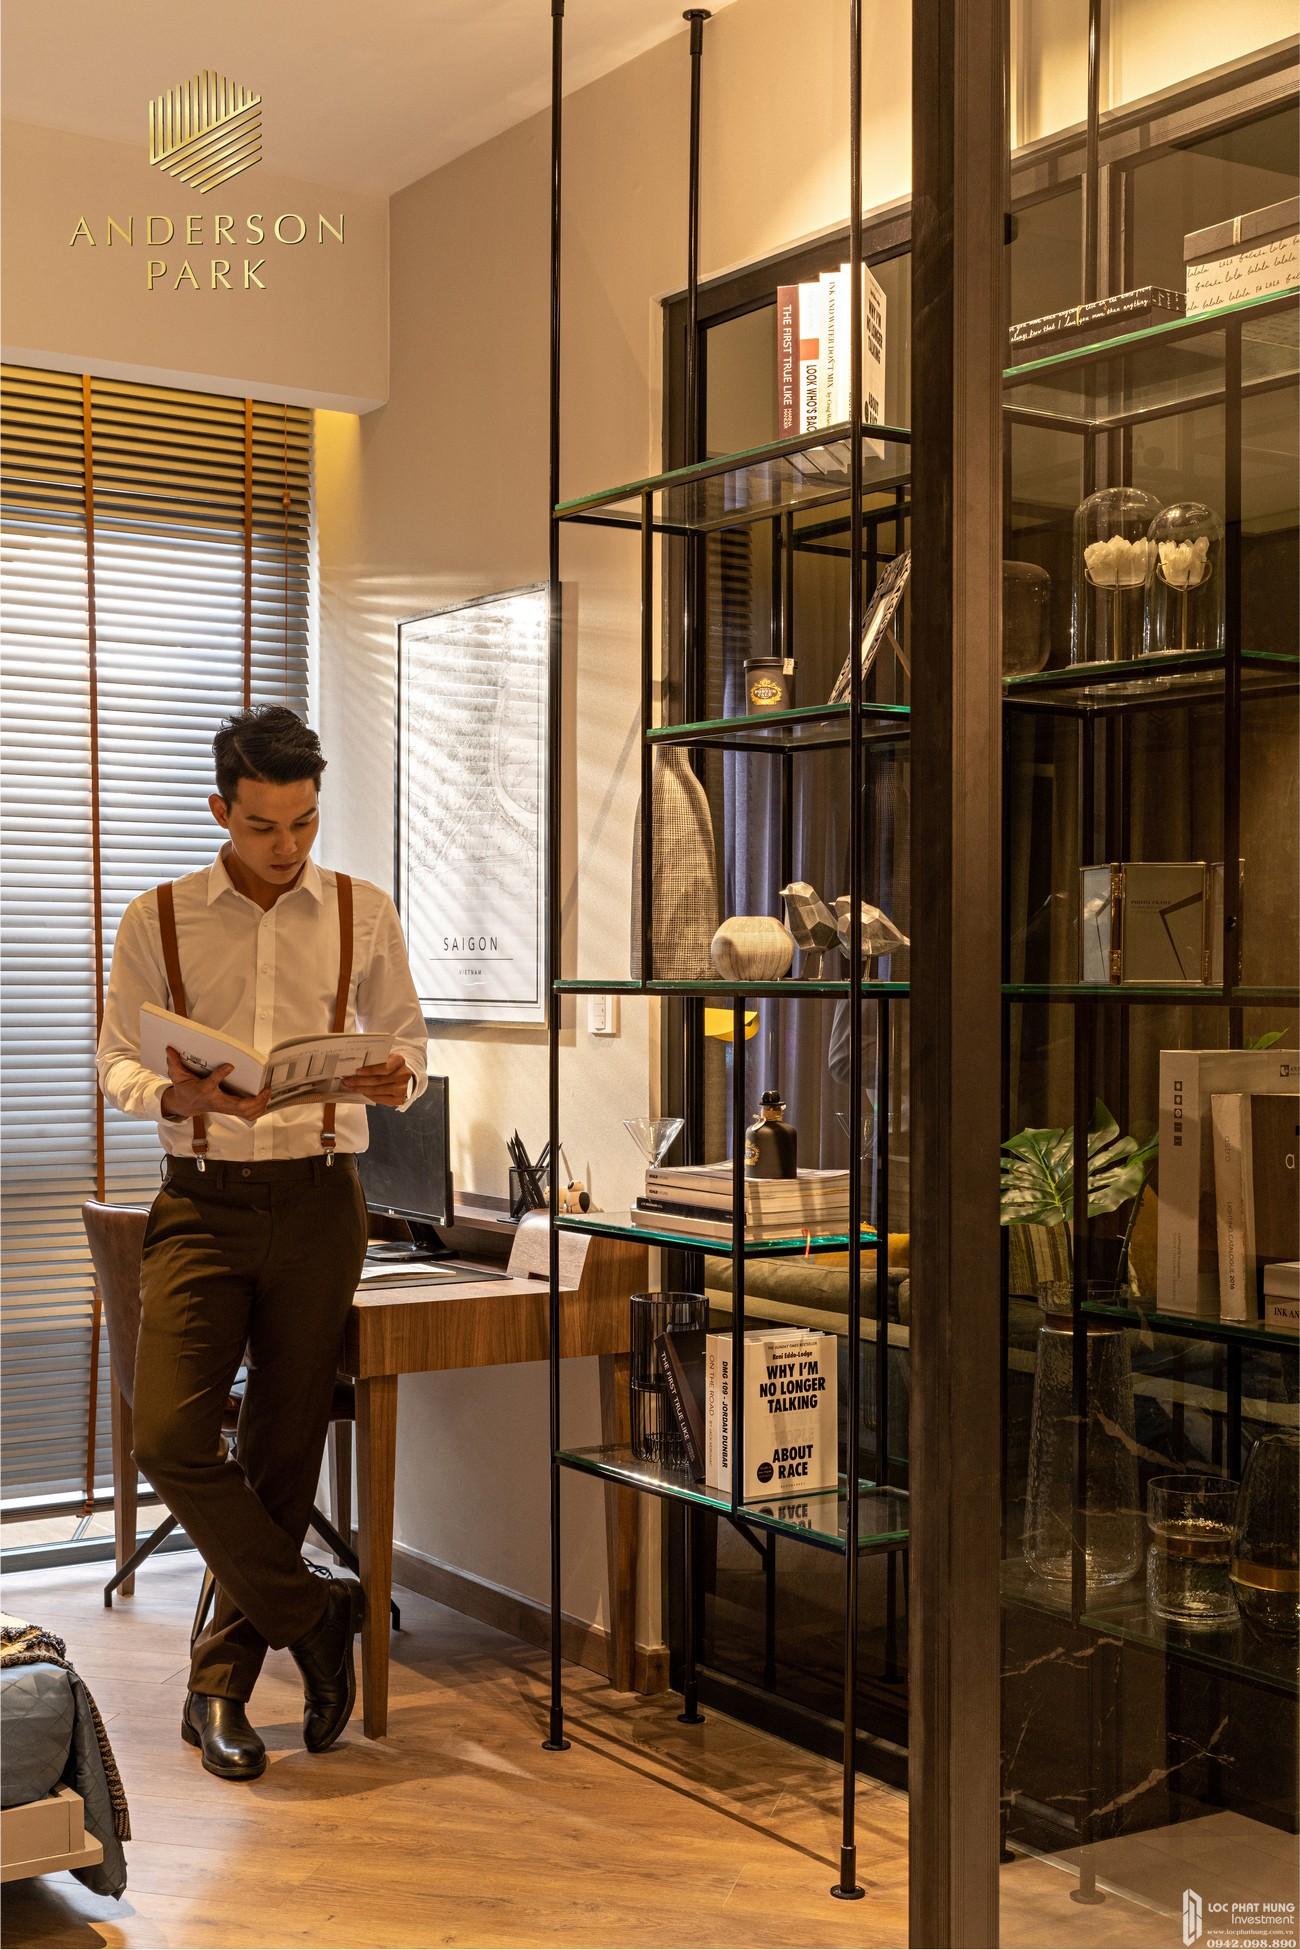 Nhà mẫu dự án căn hộ chung cư Anderson Park Thuận An Đường Quốc lộ 13 chủ đầu tư Quốc Cường Gia Lai